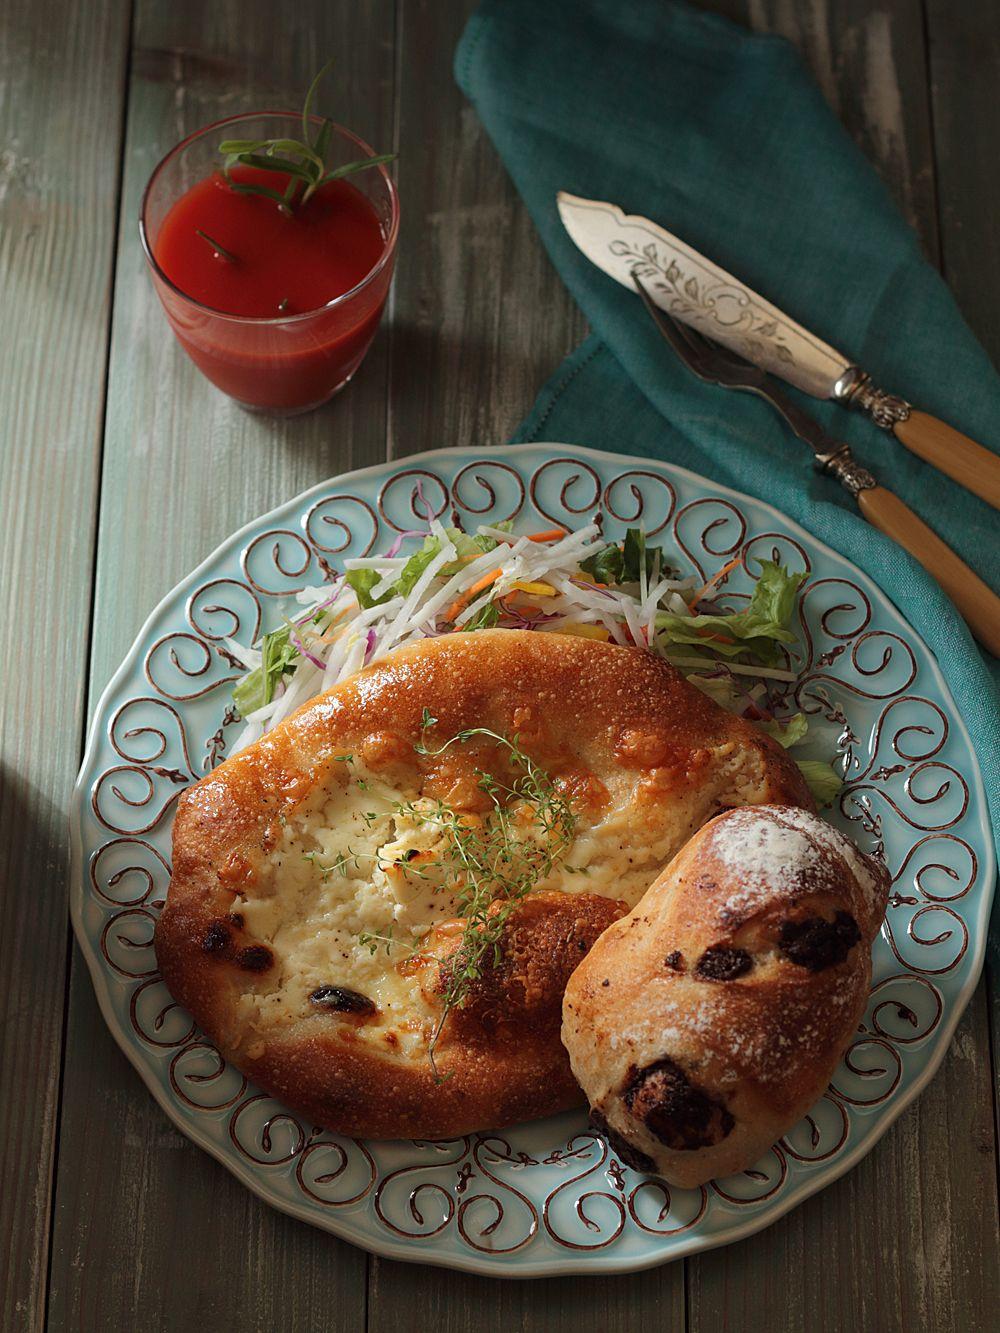 朝食 パン サラダ トマトジュース カトラリー